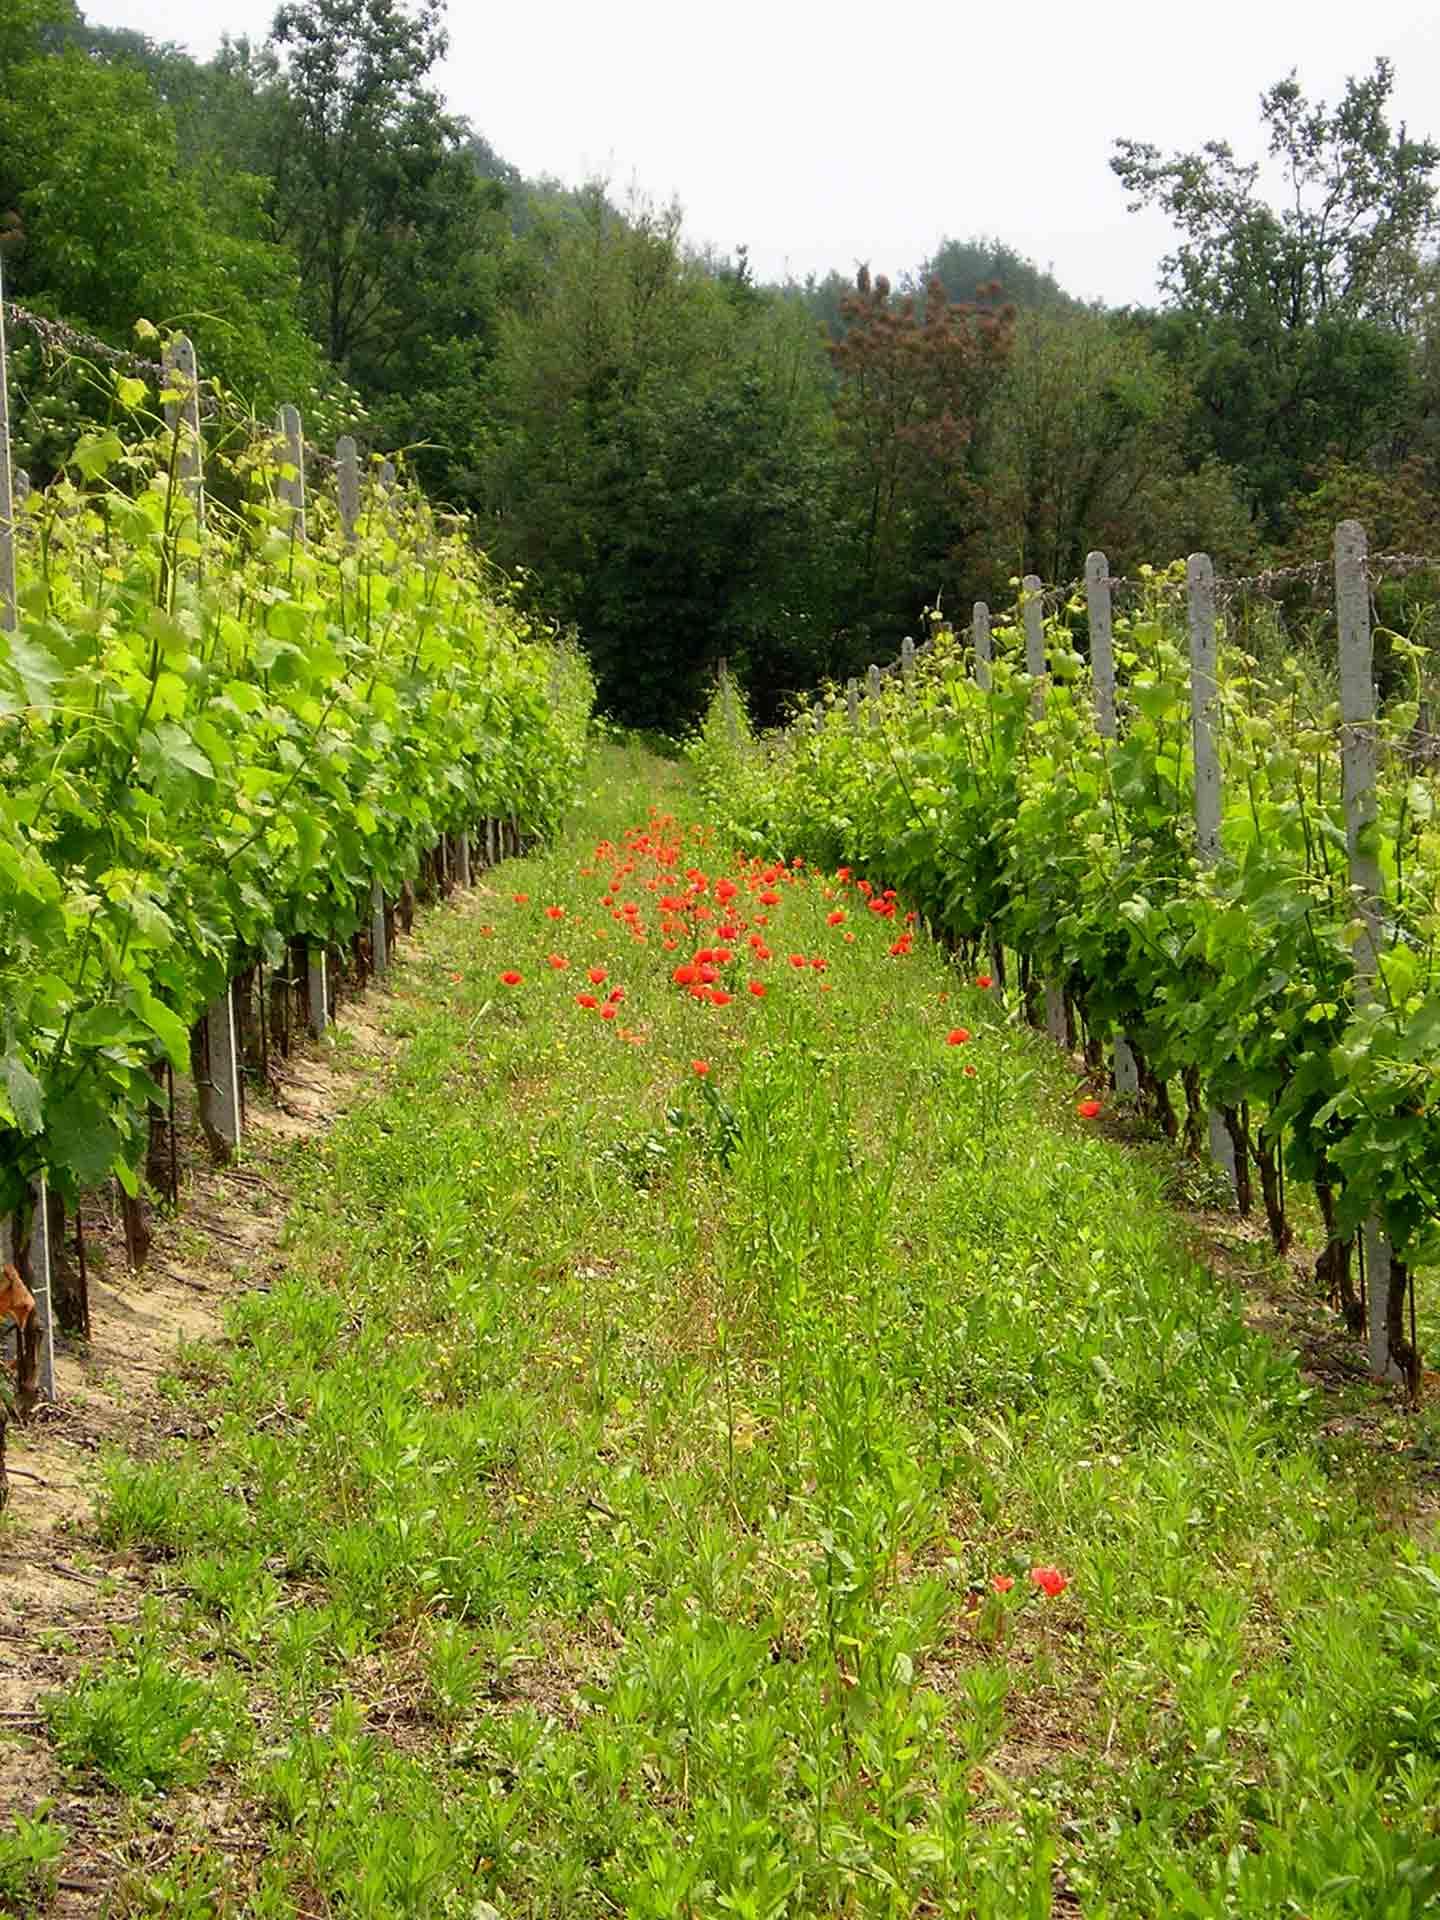 Casa Re |Weinberge in Montabone im Piemont, Italien